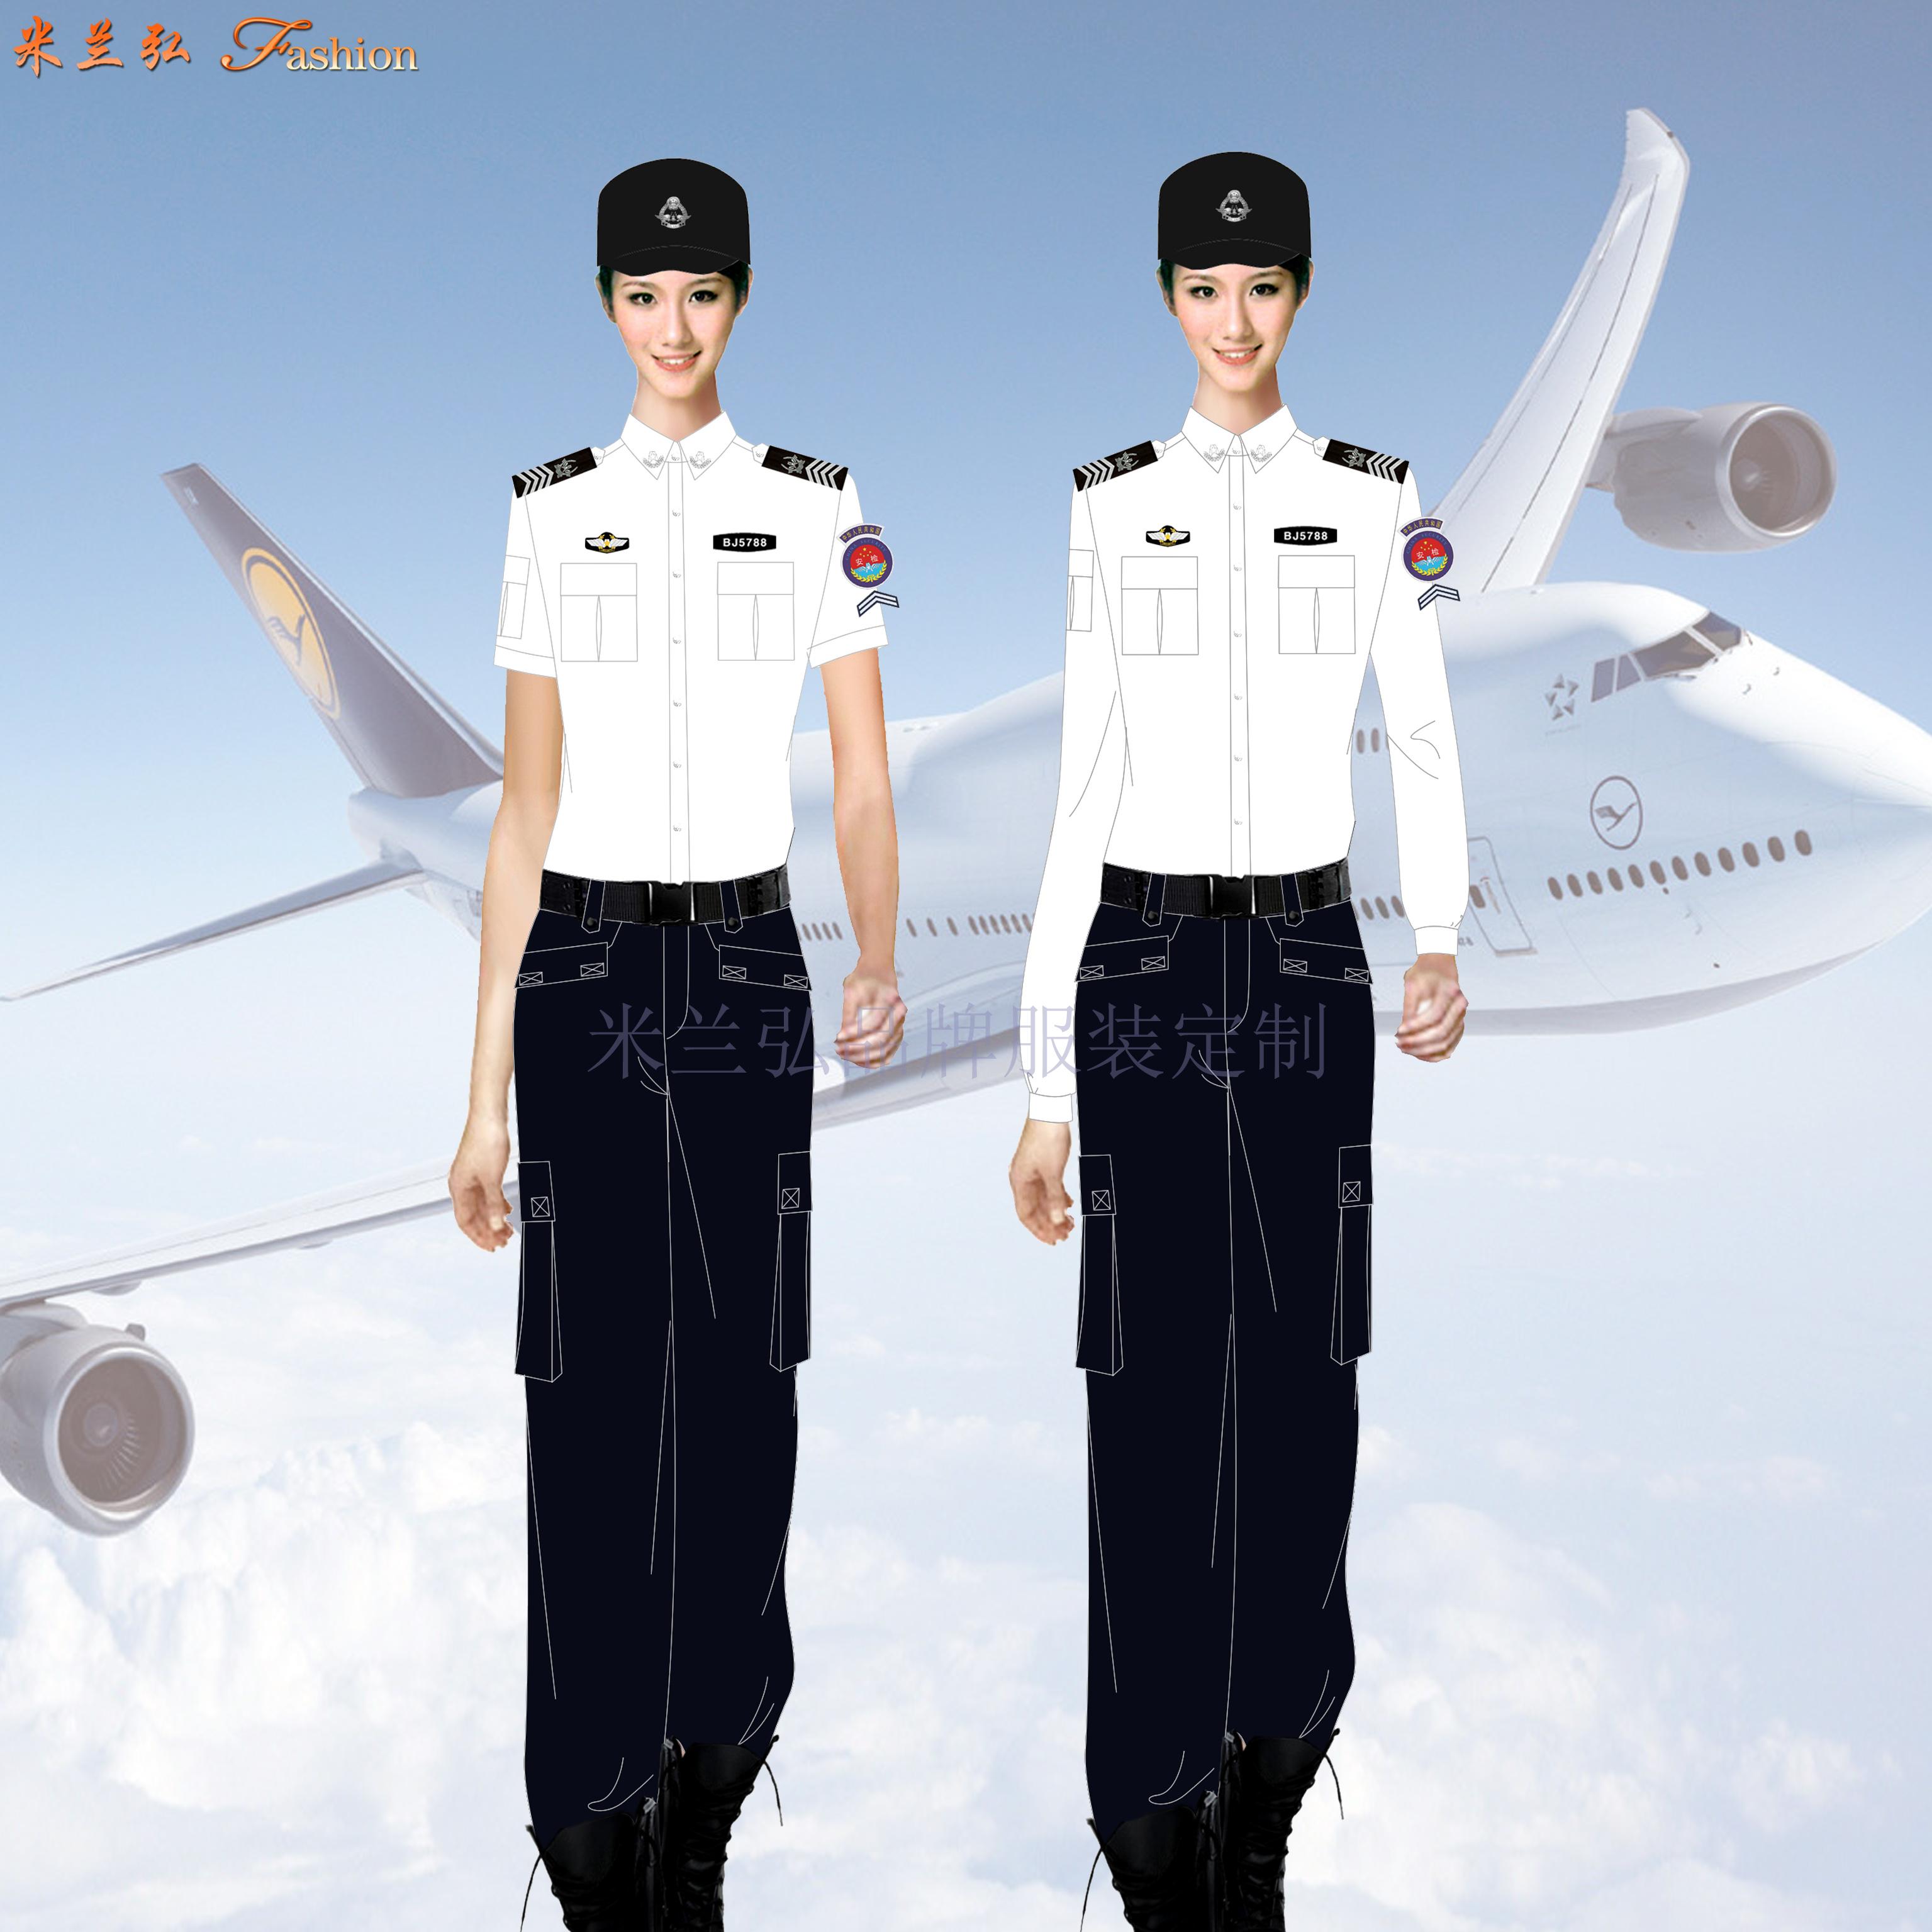 「機場10CA式安檢服定制」圖片_價格_面料_方法_廠家-4